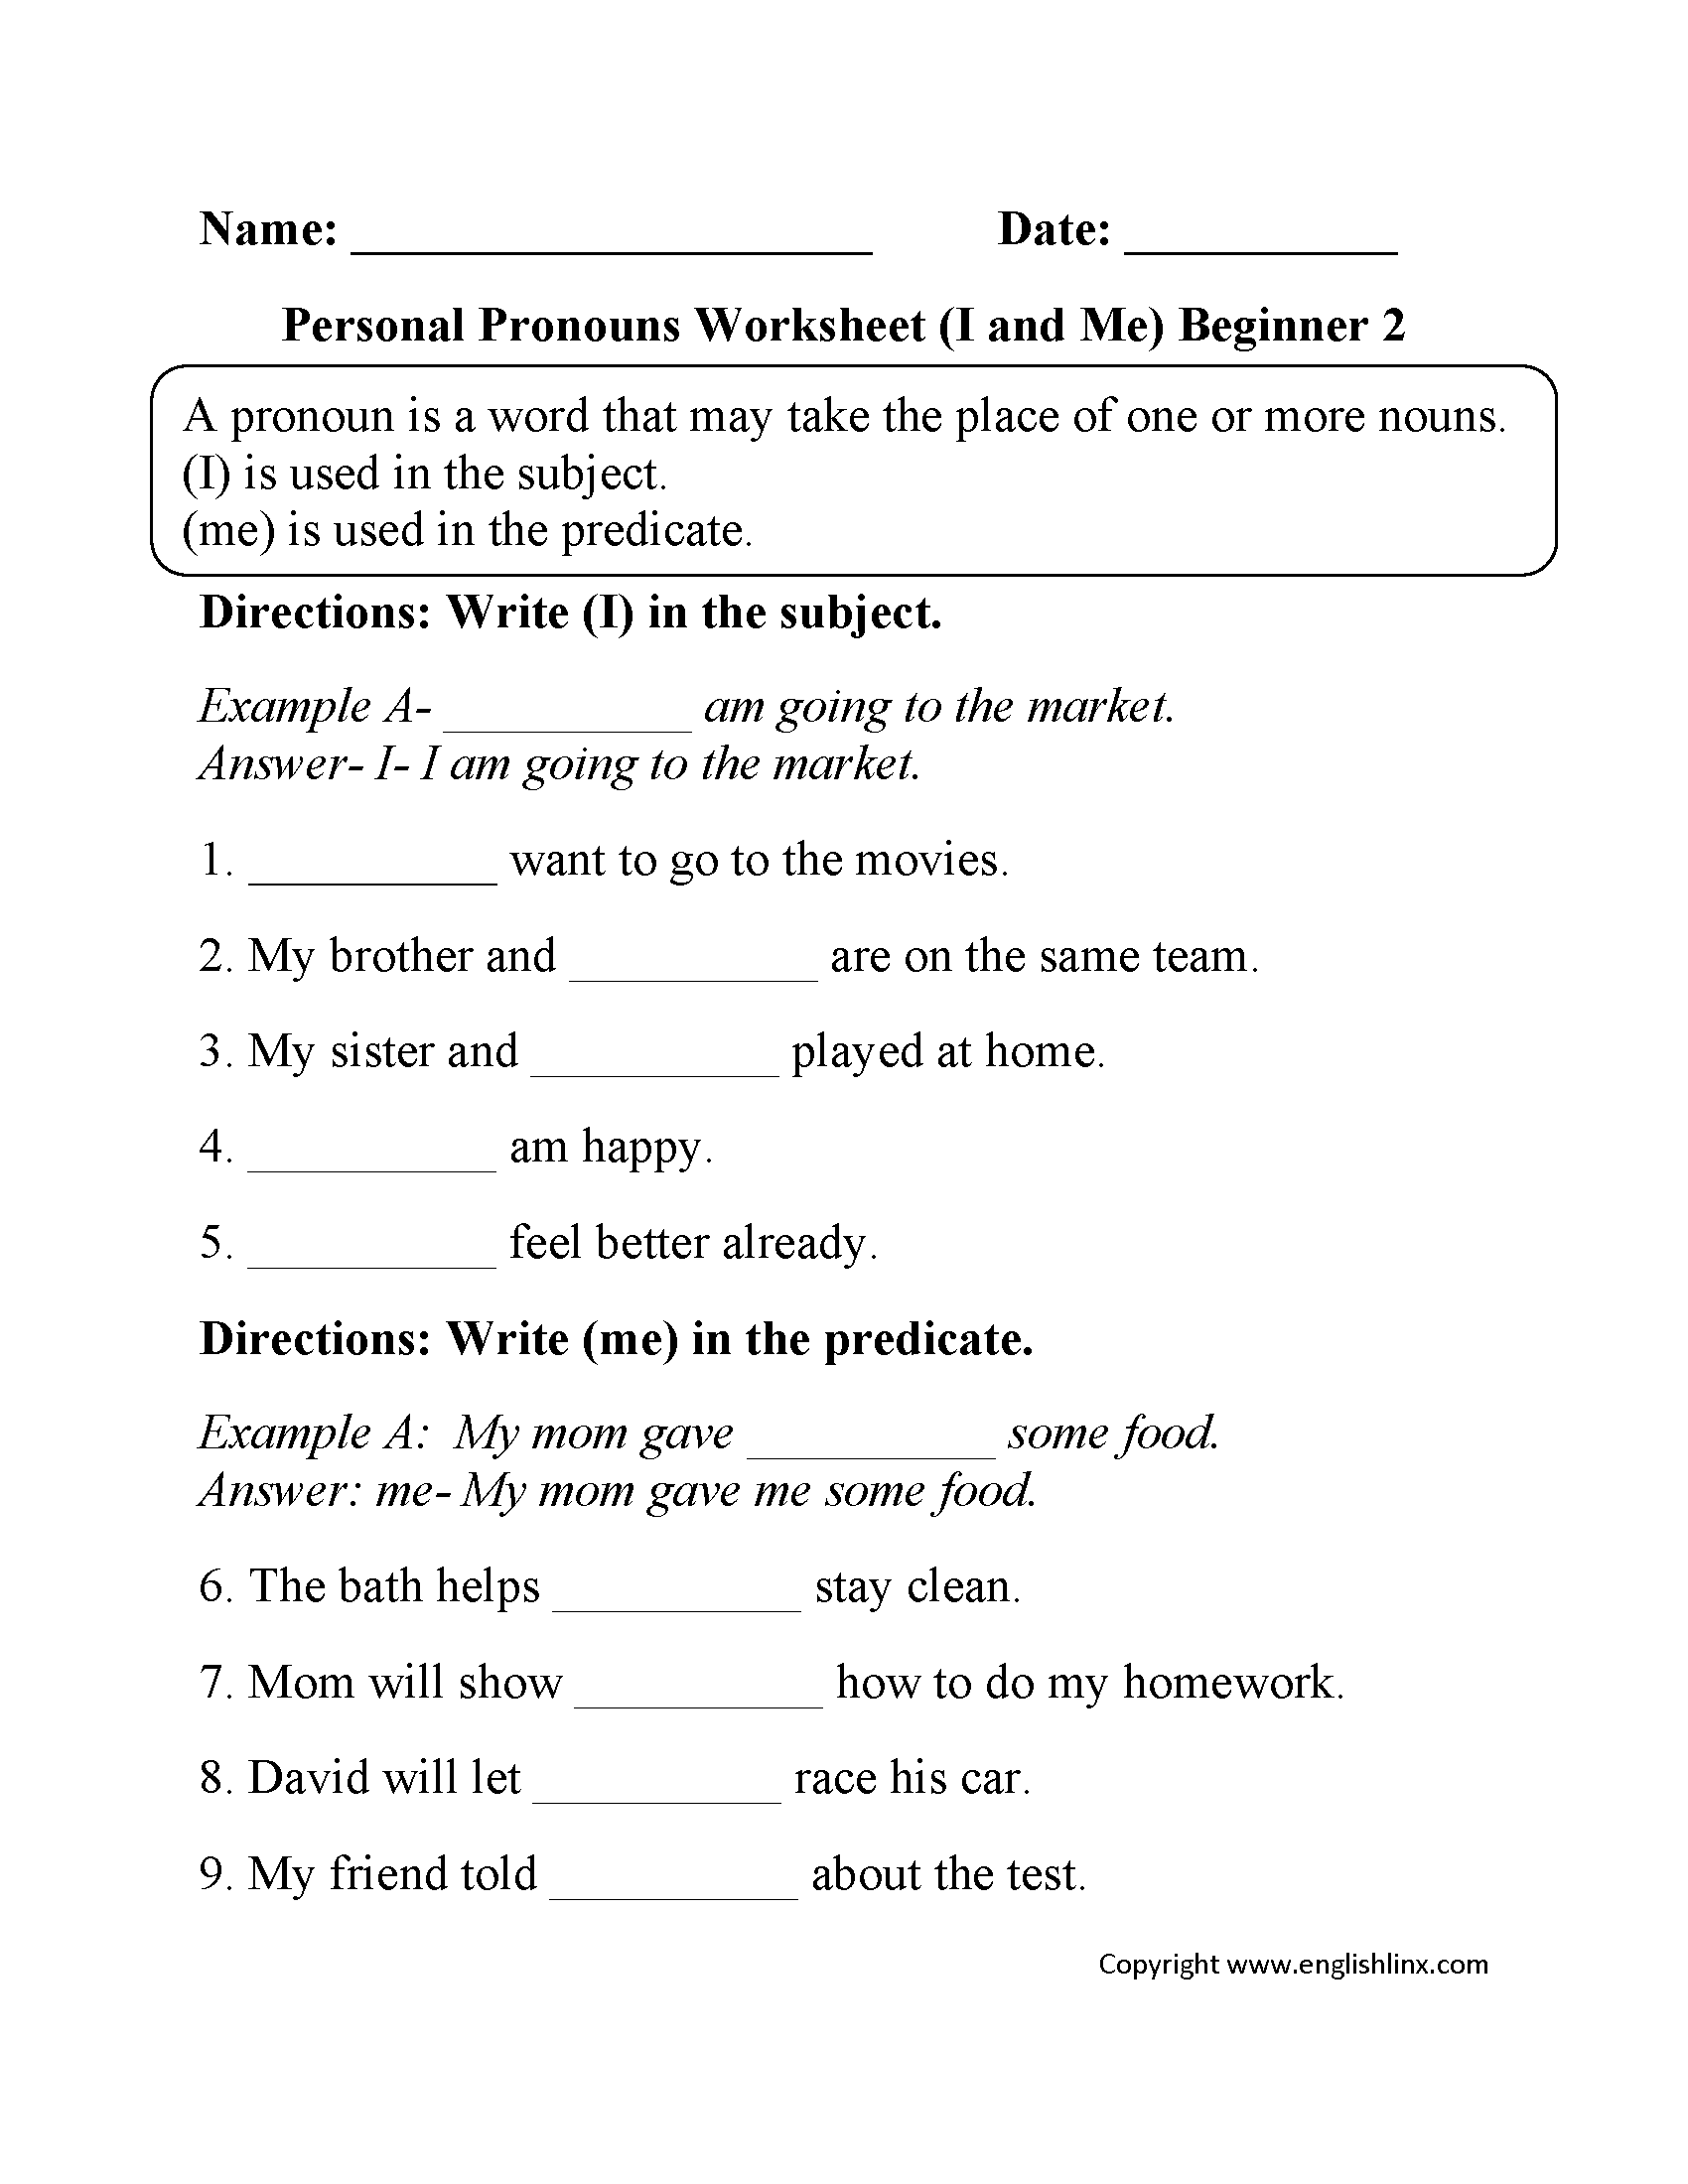 small resolution of https://cute766.info/grade-4-english-grammar-pronouns-part-1-15-sept/